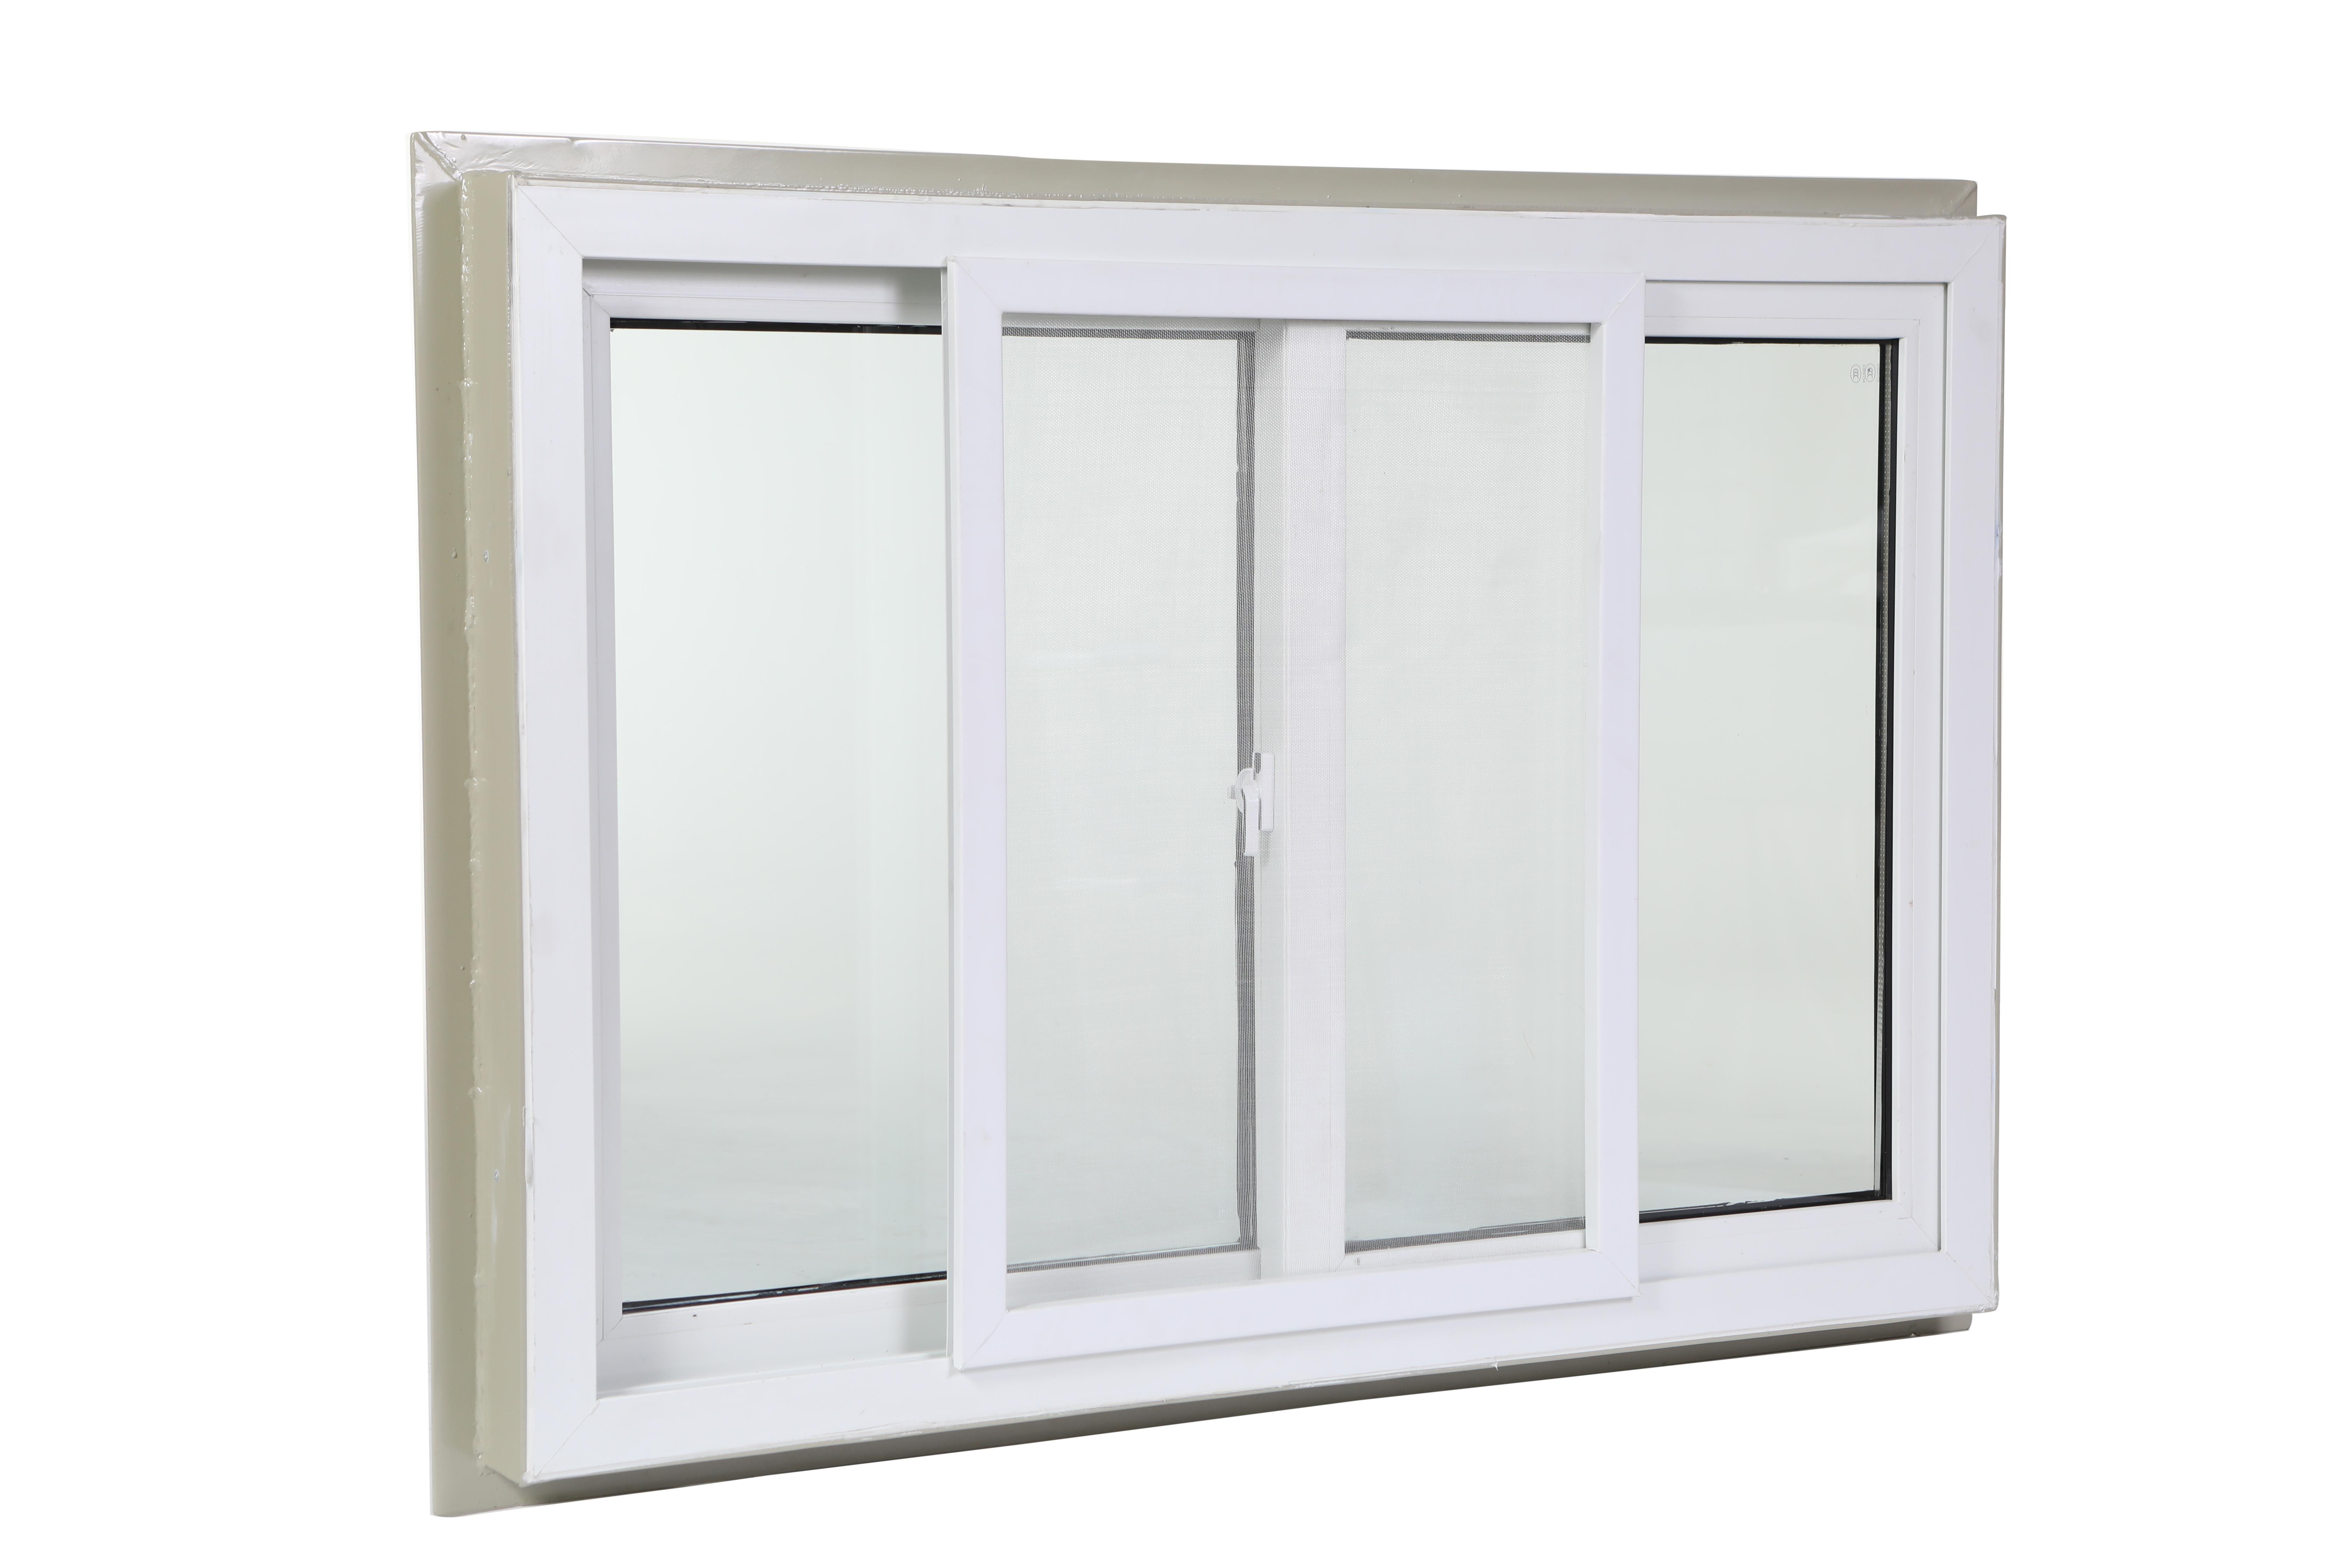 F2d.6066 INSTA 3'x4' Window